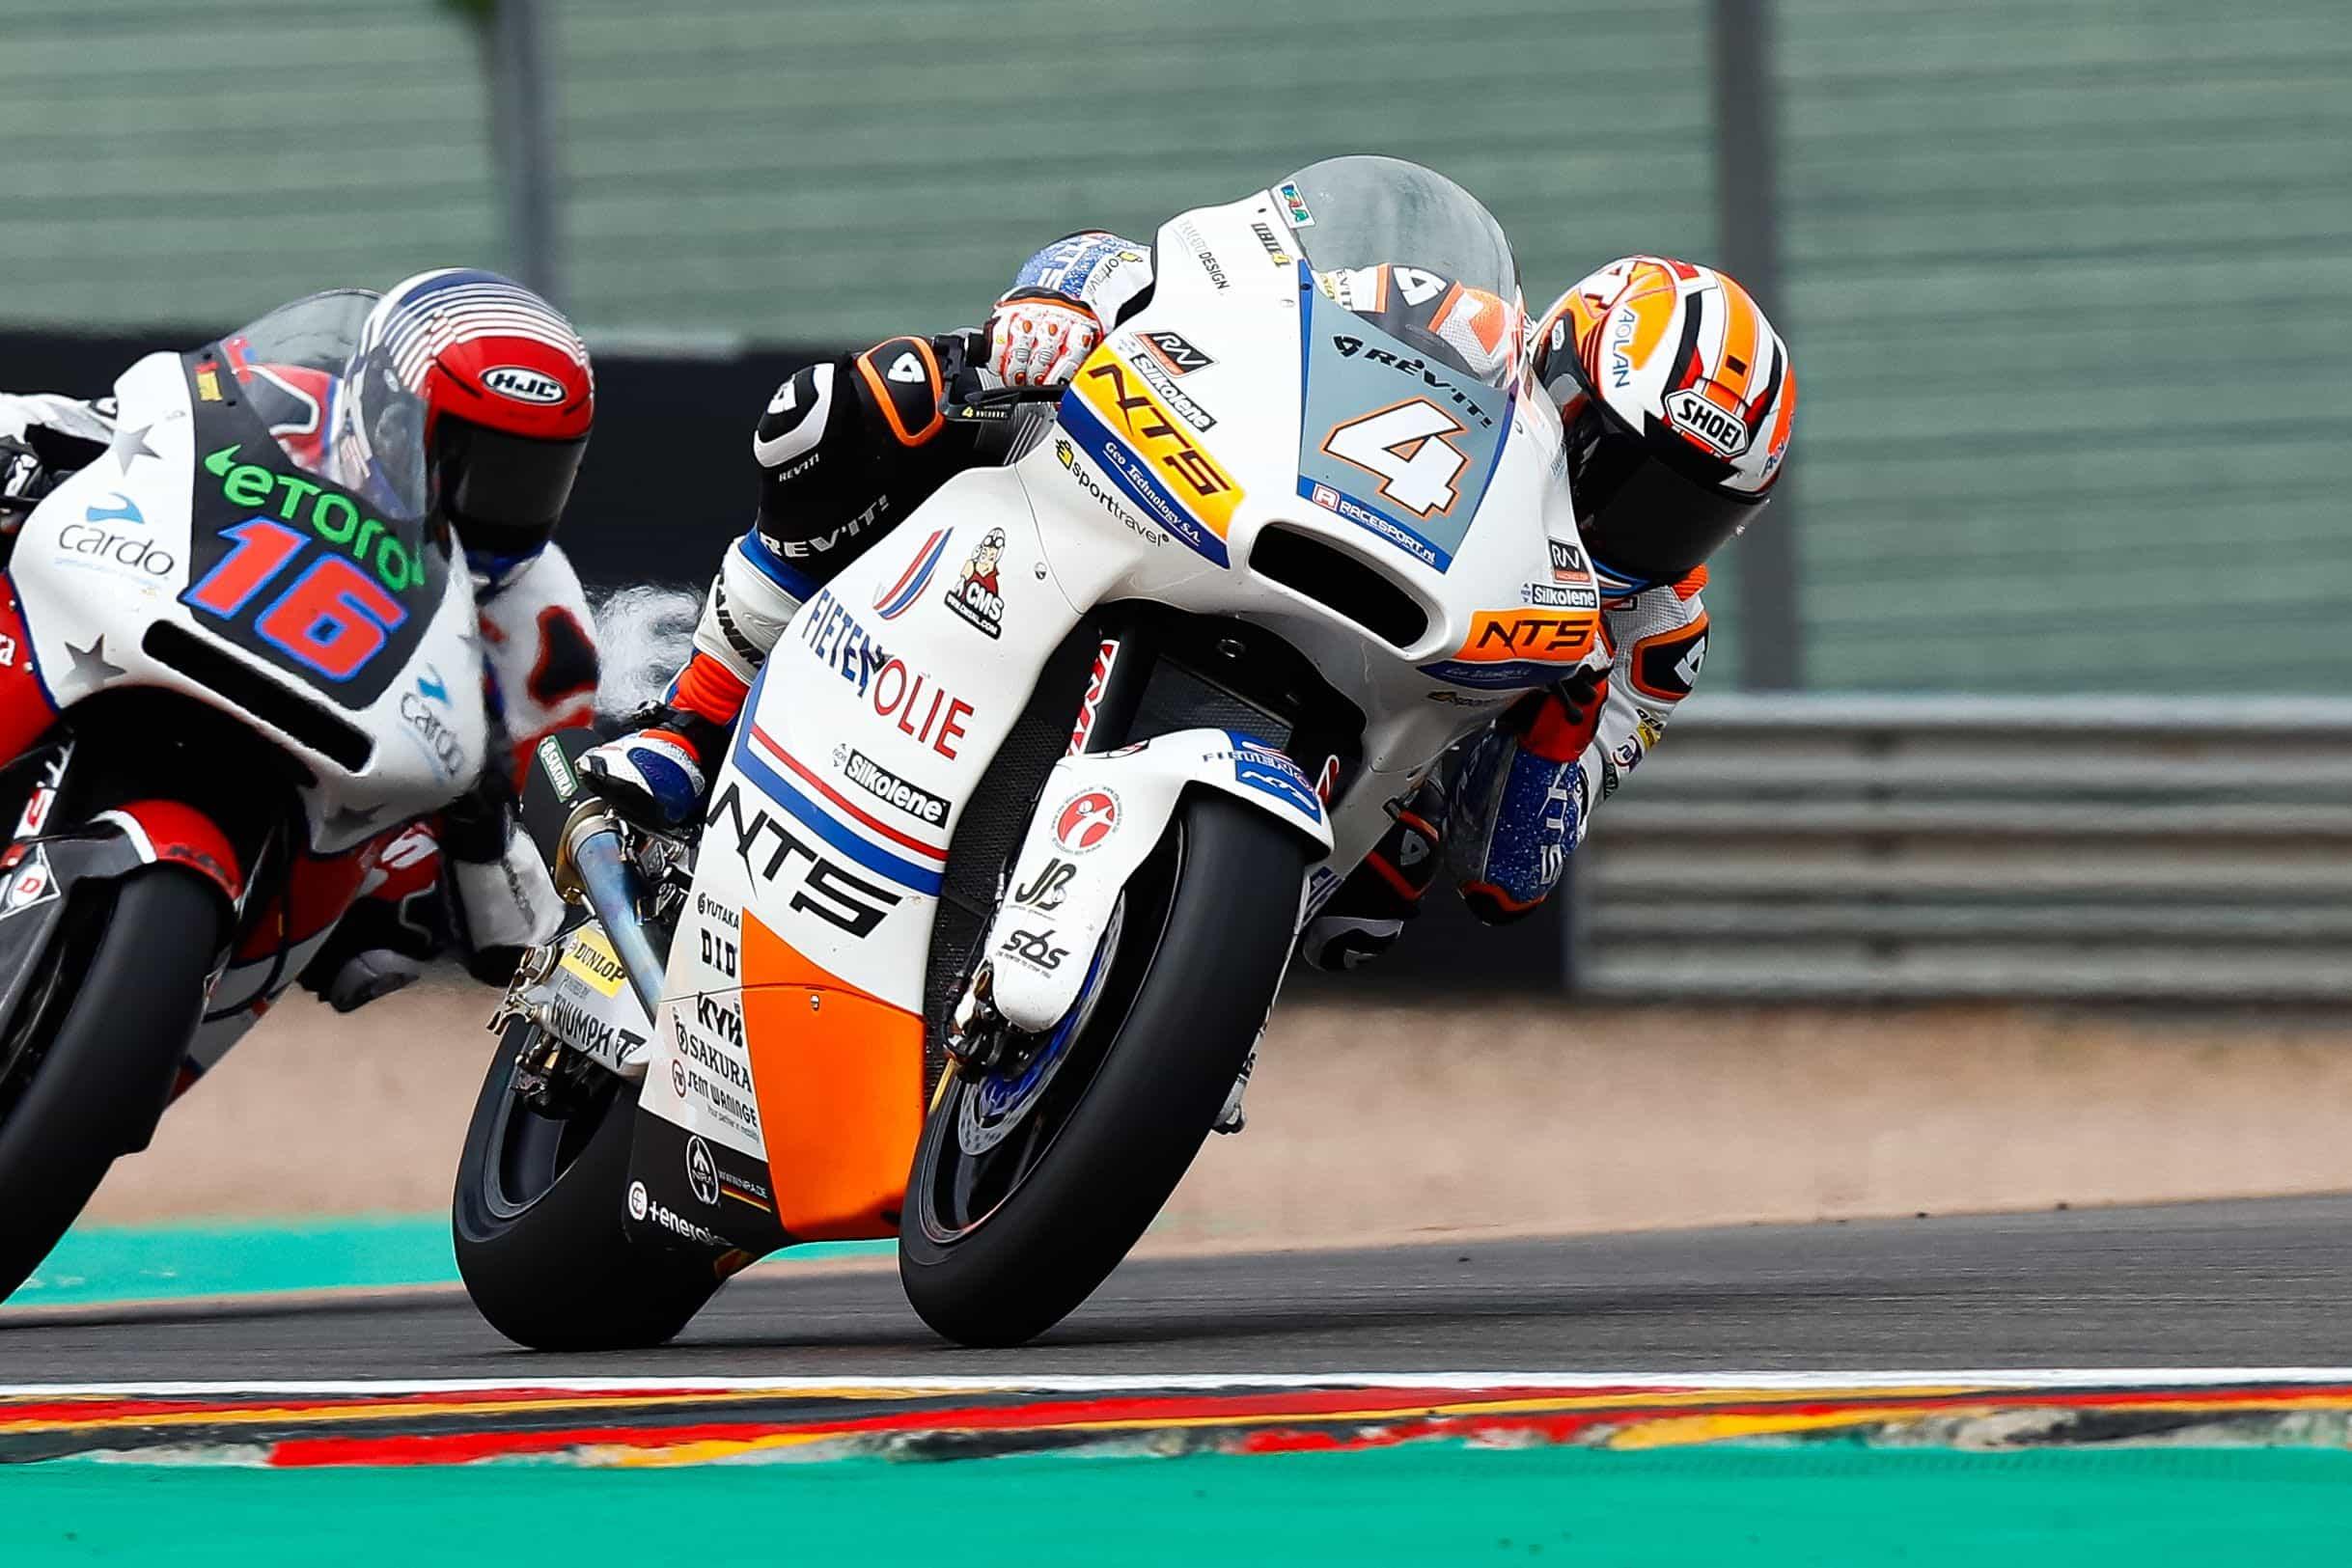 NTS RW Racing GP ドイツGP 公式練習1、公式練習2レポート